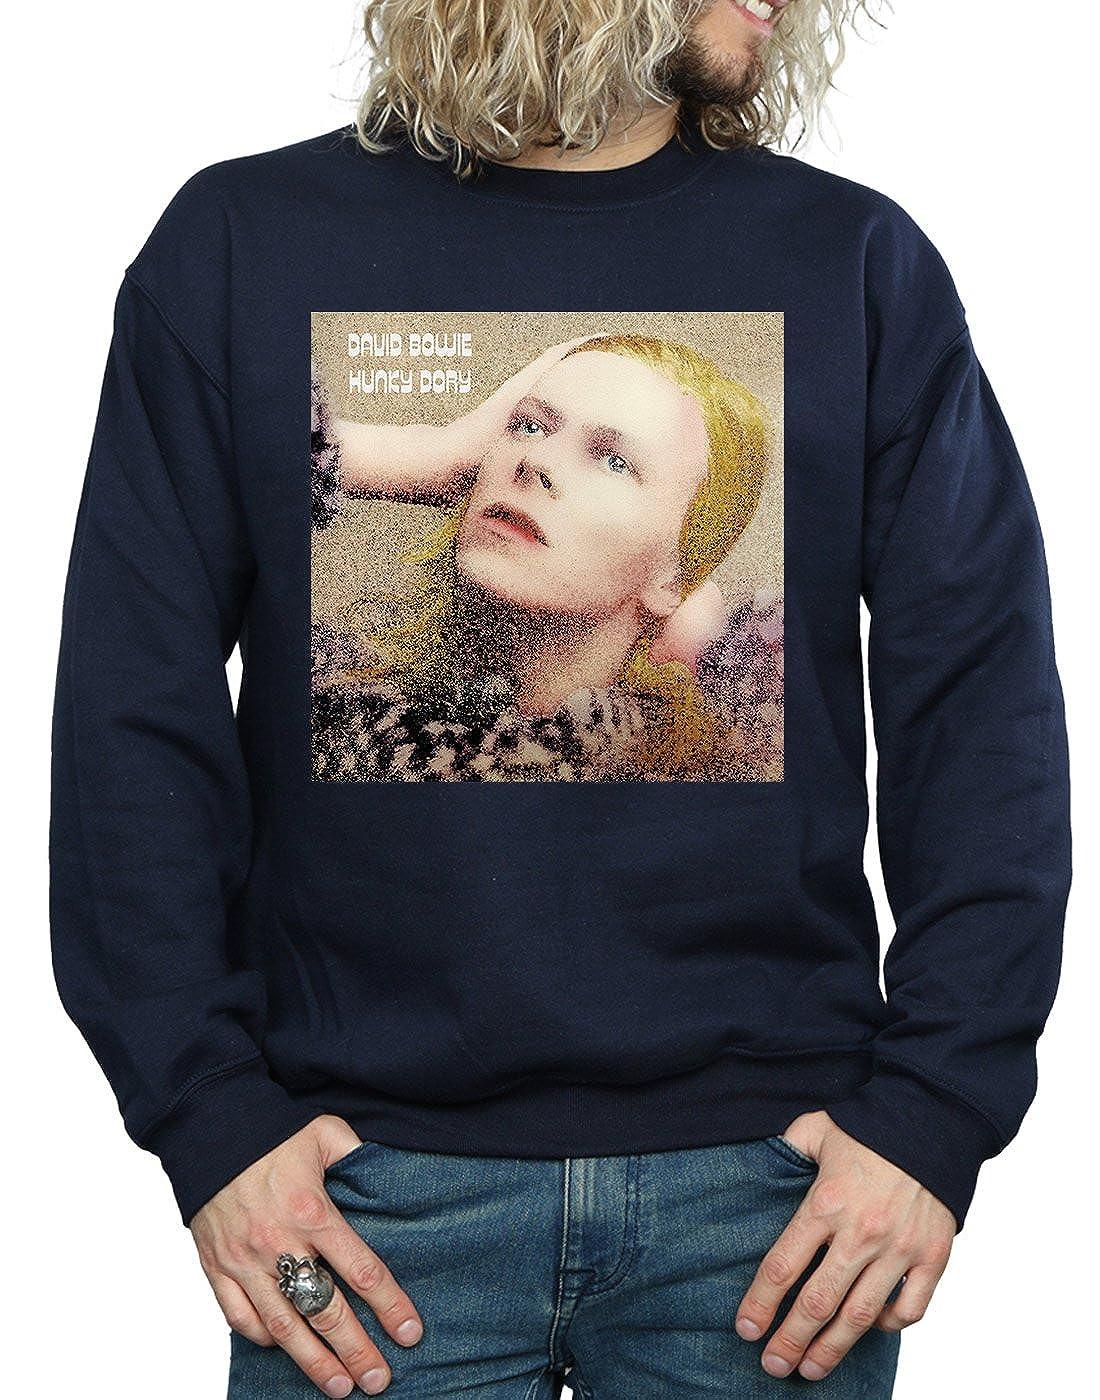 669f8b4bec3d Absolute Cult David Bowie Homme Hunky Dory Album Cover Sweat-Shirt Bleu  Marin Large  Amazon.fr  Vêtements et accessoires